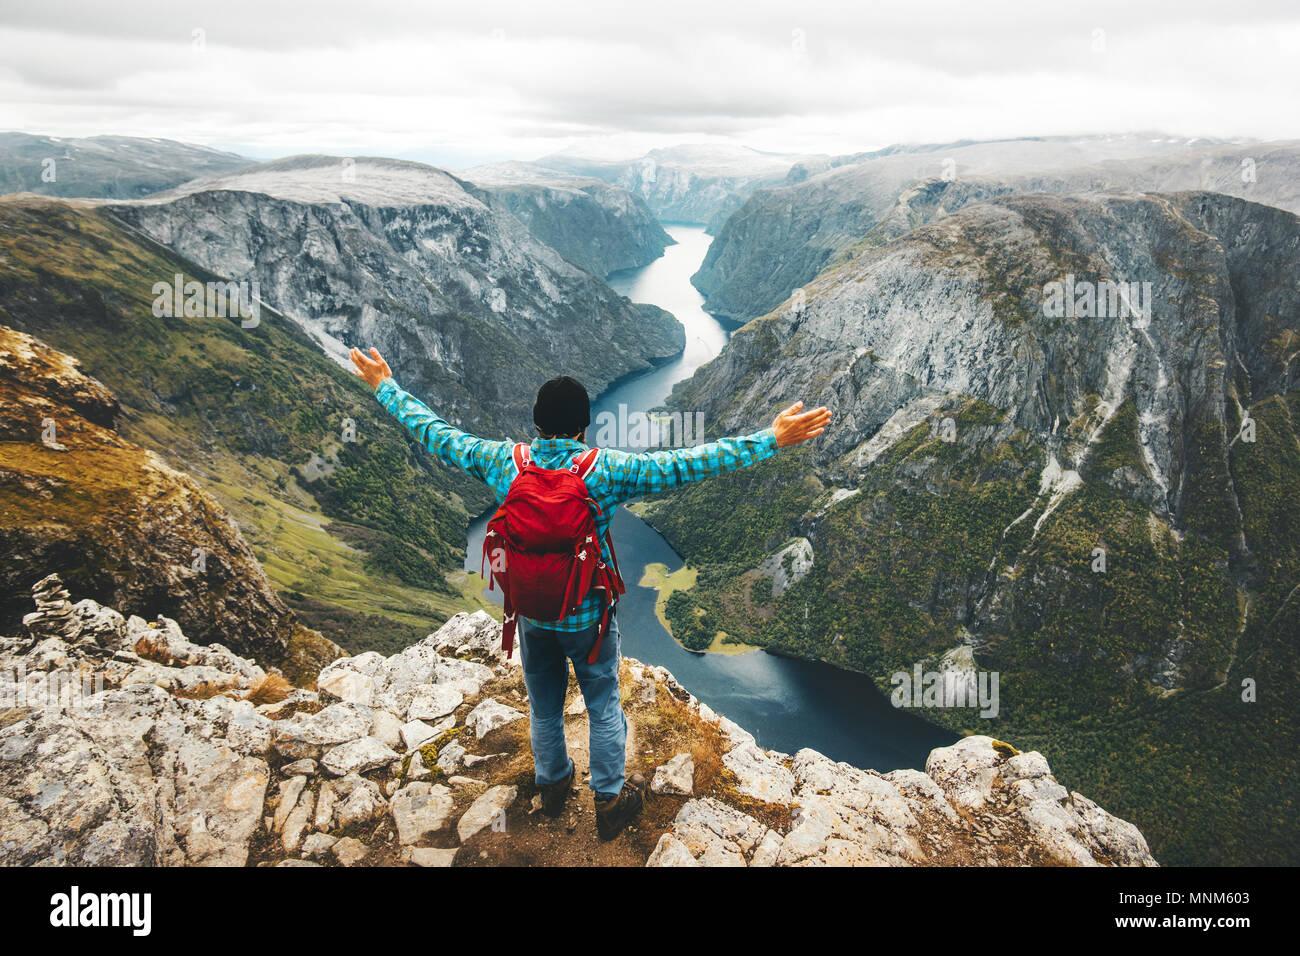 Hombre feliz en la montaña cumbre mochilero viajando en Noruega viaje de aventura en el estilo de vida de vacaciones activas por encima Naeroyfjord éxito wellness lif saludable Imagen De Stock